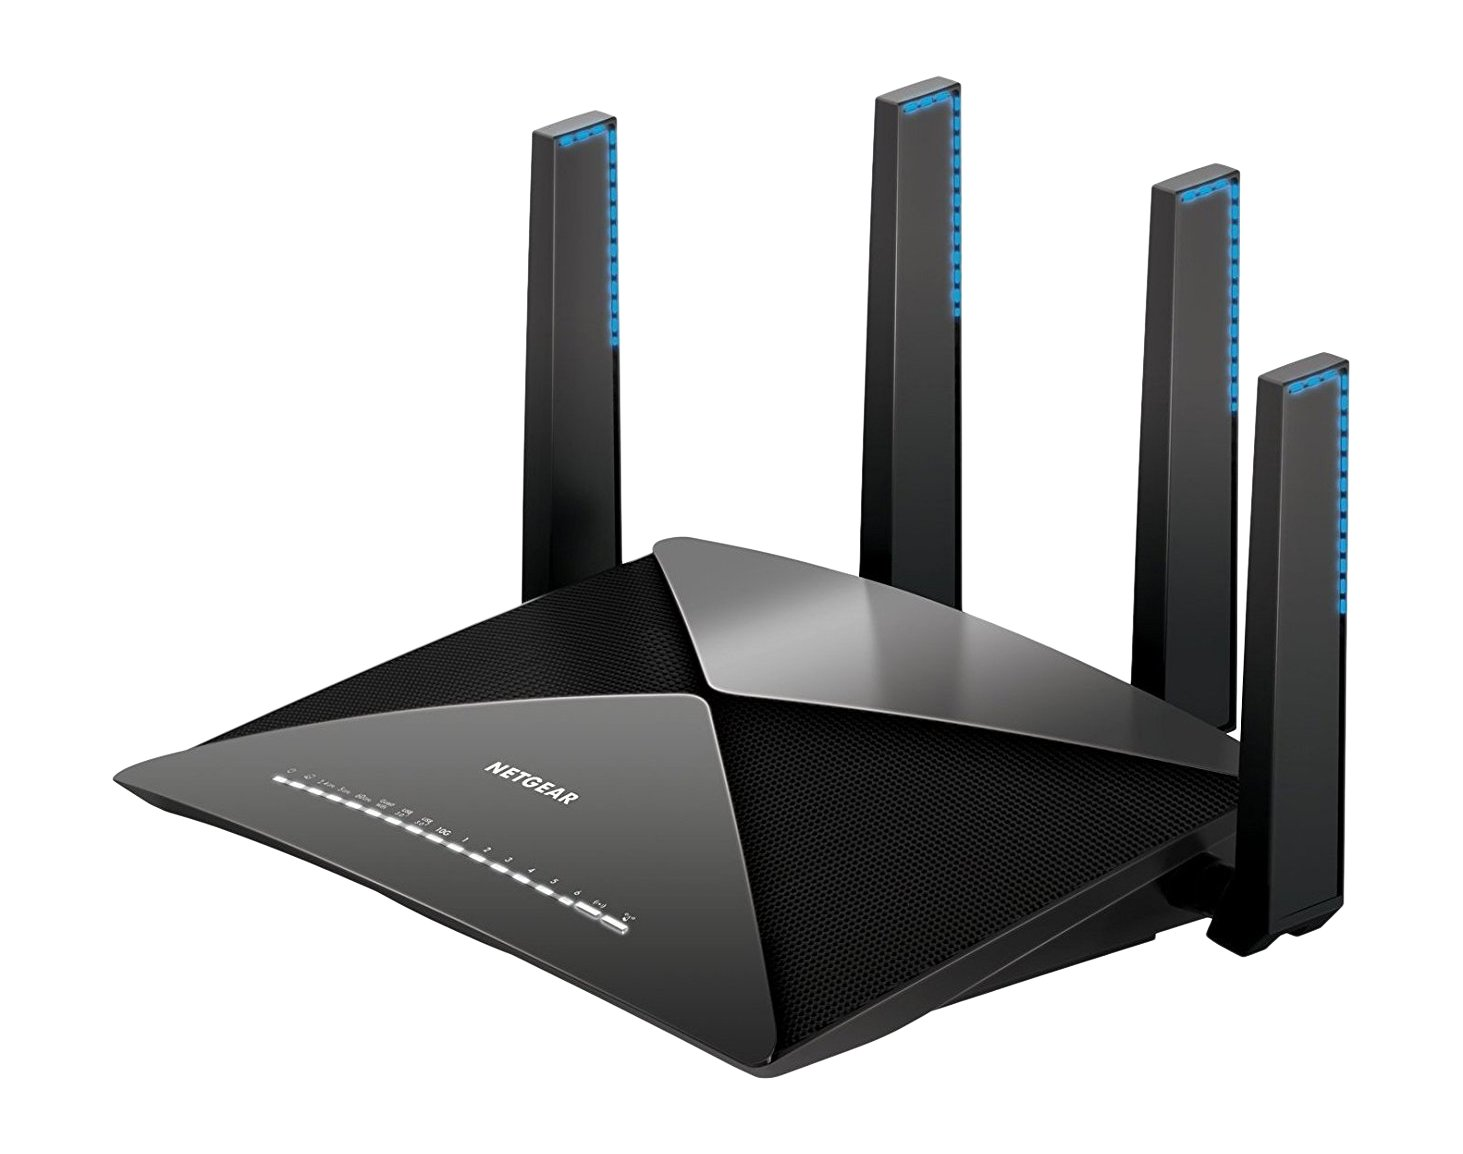 Netgear Nighthawk X10 AD7200 802.11Ac/Ad Quad-Stream Wi-Fi